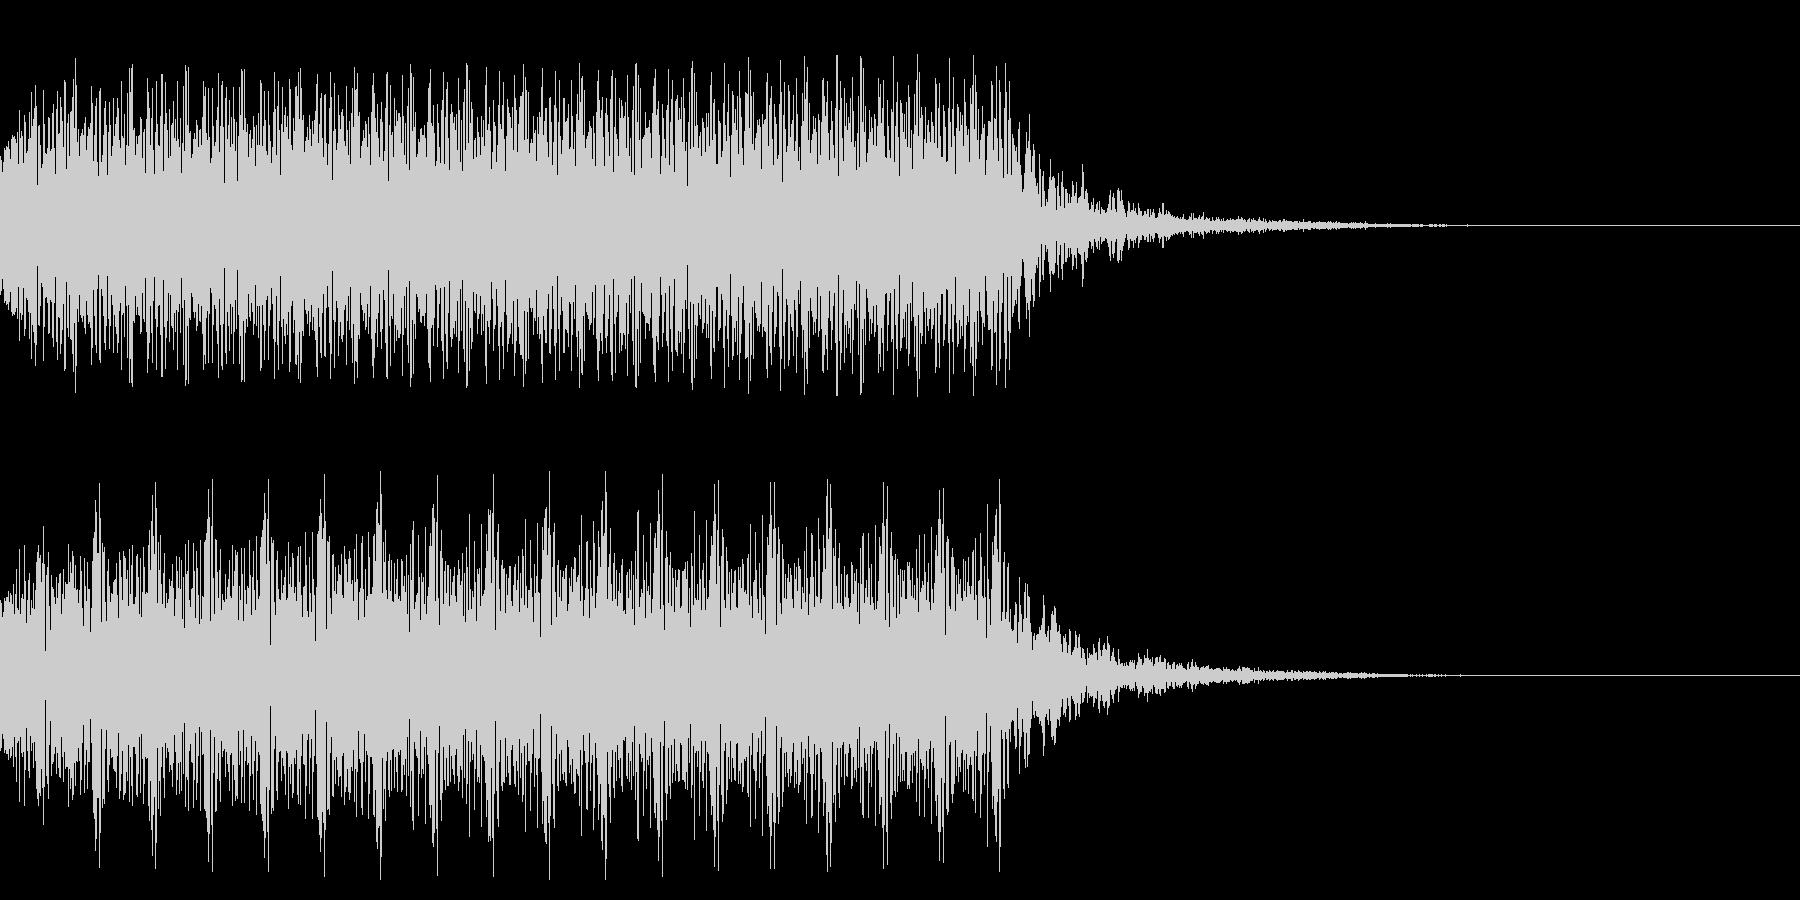 マシンガンの発砲音_その2の未再生の波形